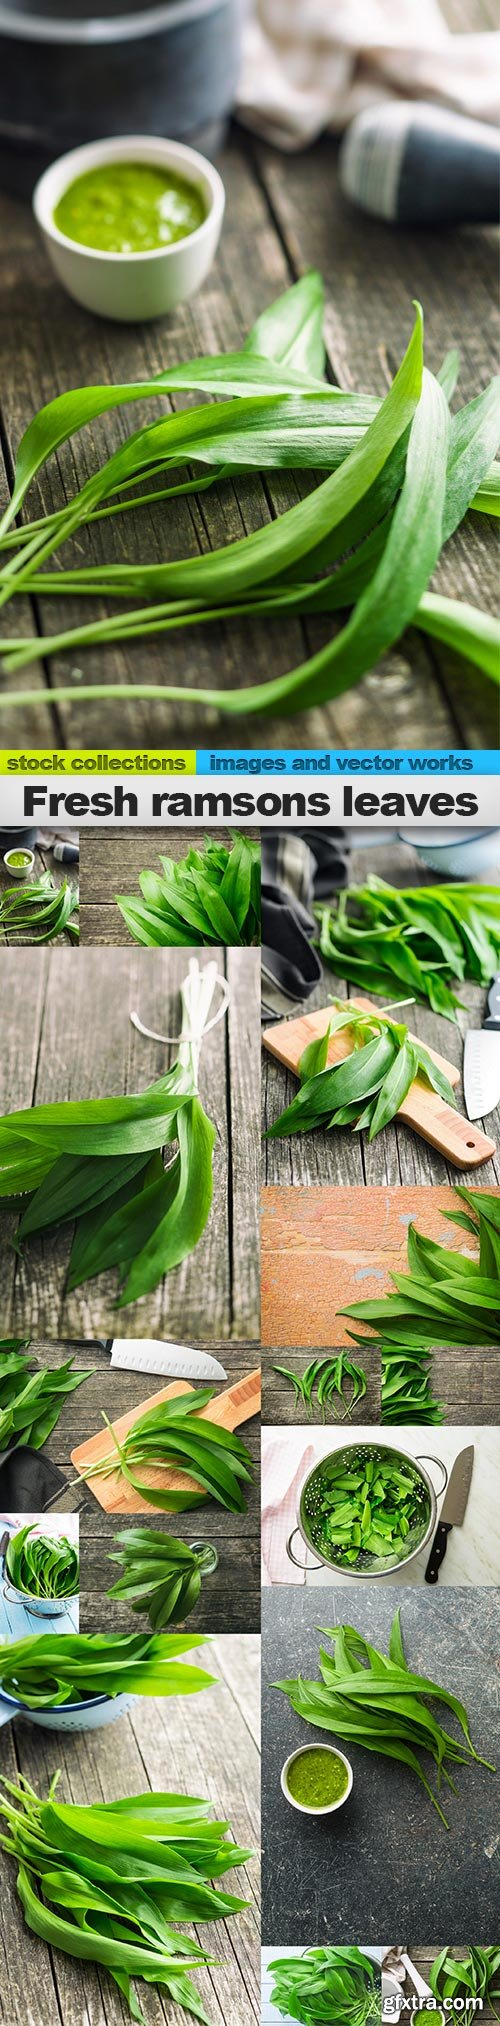 Fresh ramsons leaves, 15 x UHQ JPEG